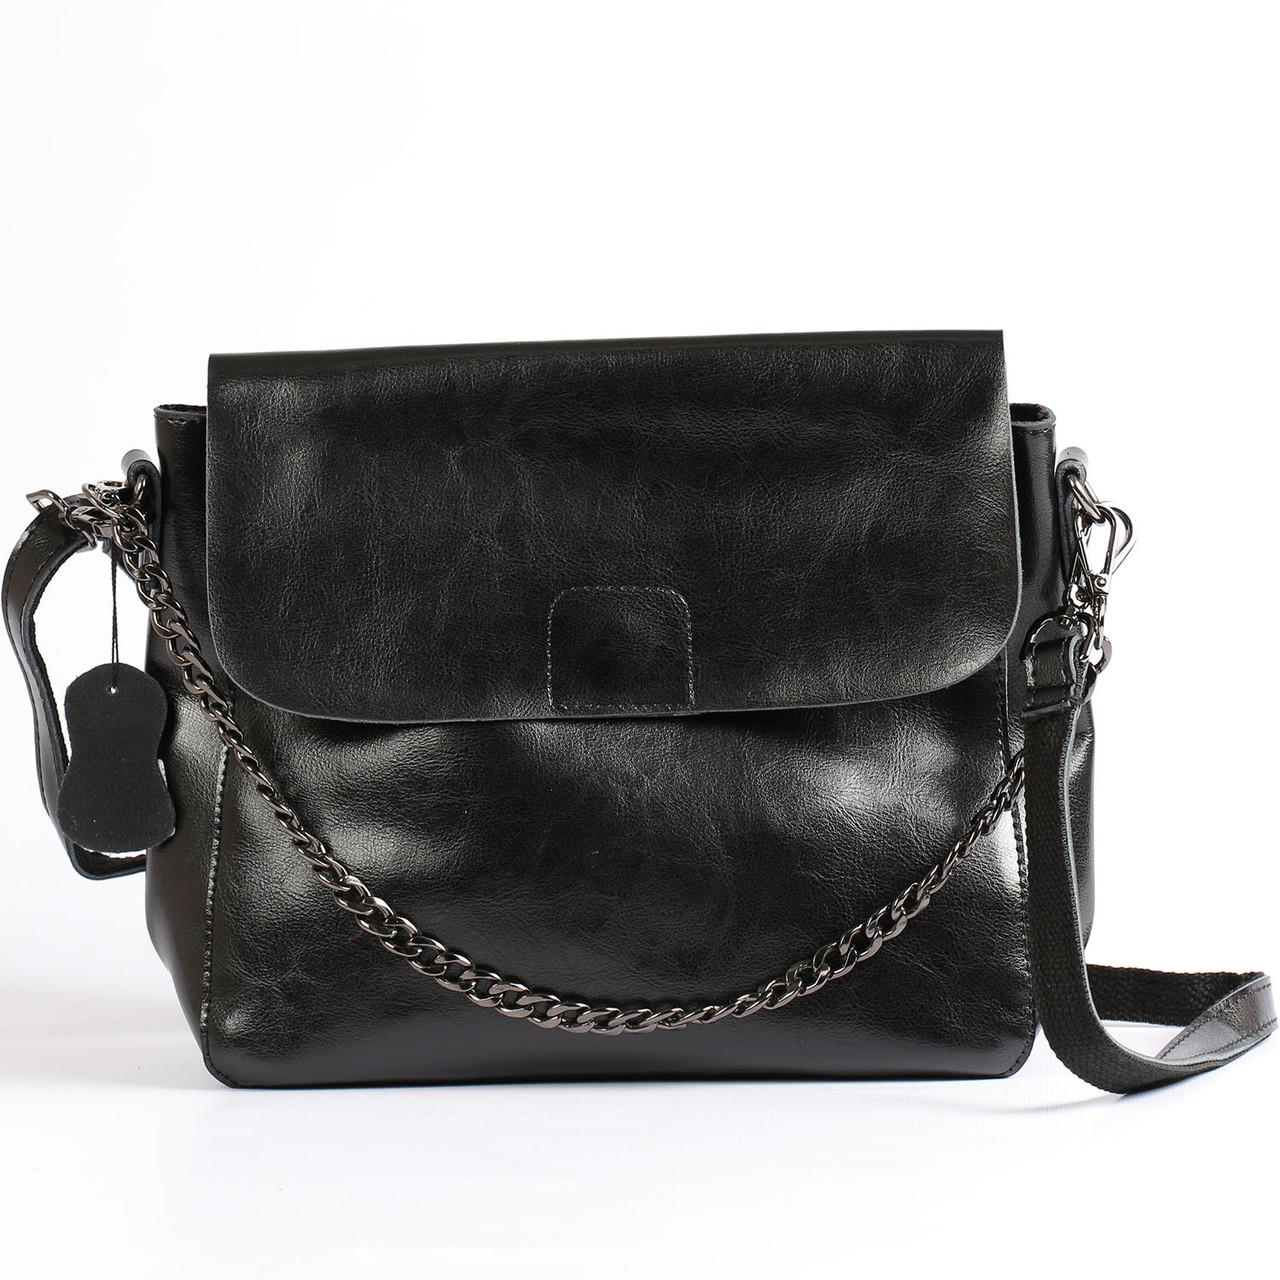 7dbbf0c8600e Женская кожаная сумка